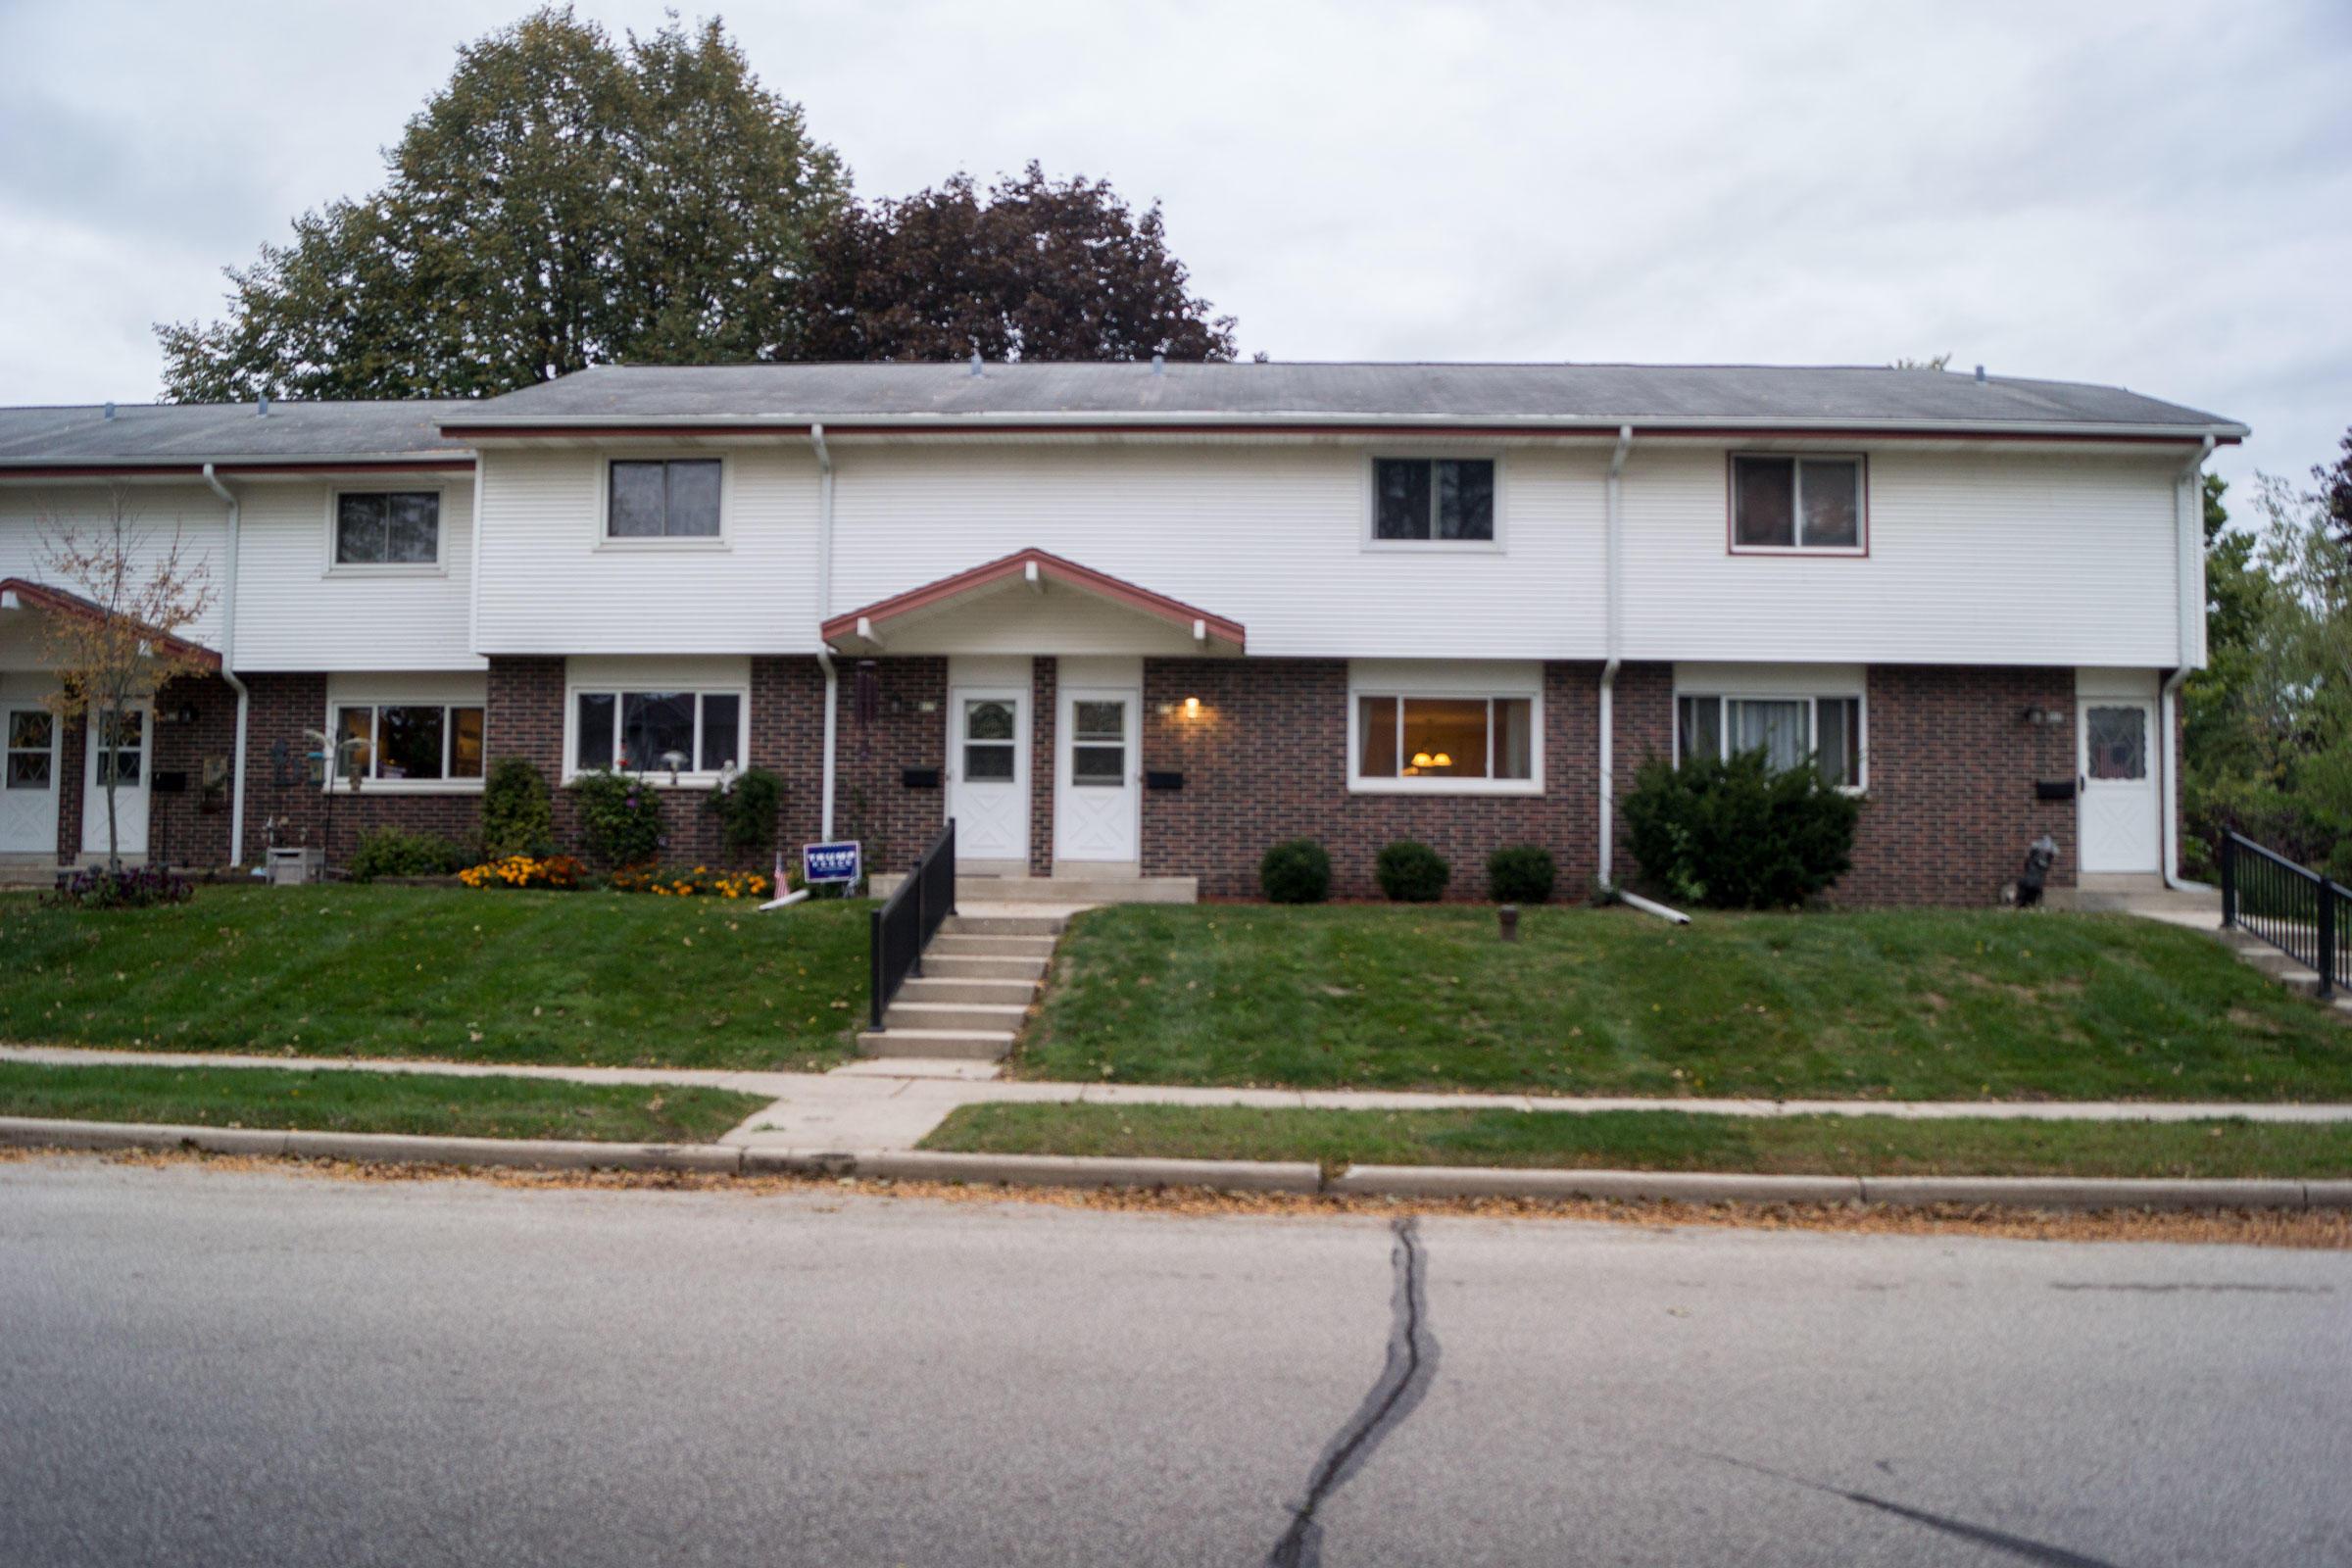 819 Ridgeway Dr, Pewaukee, Wisconsin 53072, 3 Bedrooms Bedrooms, 7 Rooms Rooms,1 BathroomBathrooms,Condominiums,For Sale,Ridgeway Dr,1,1713058